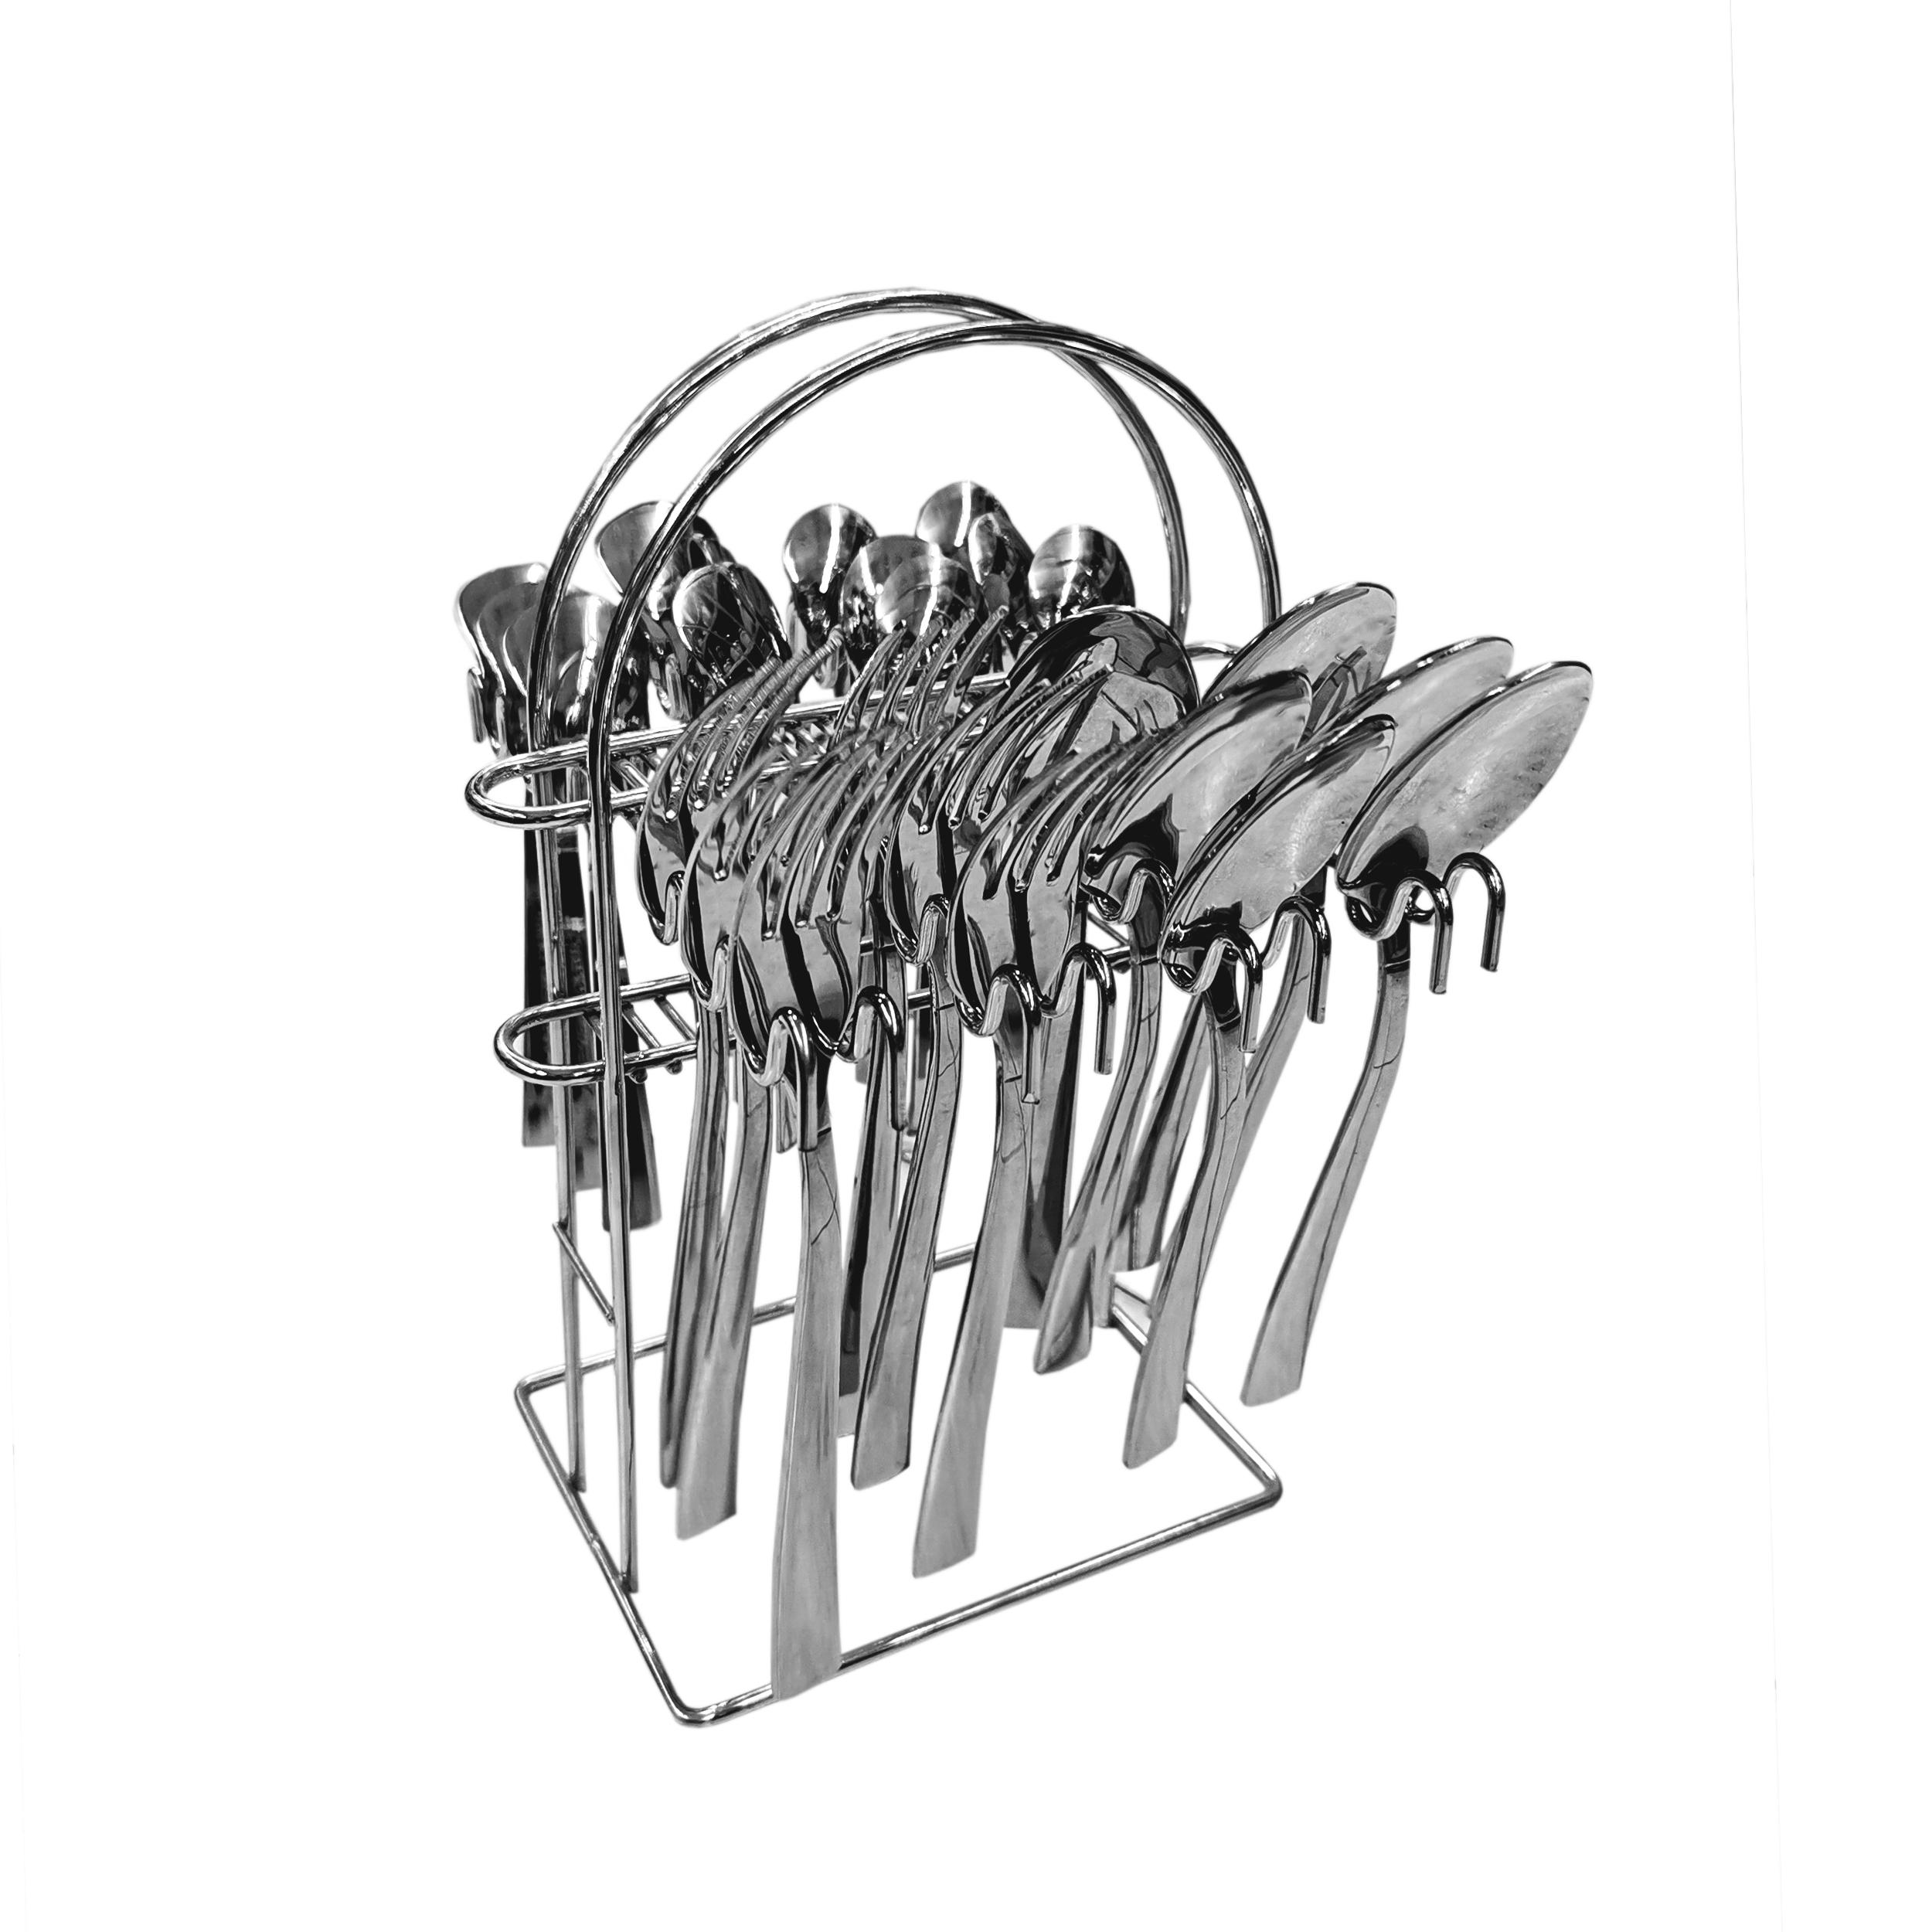 سرویس قاشق و چنگال 24 پارچه فلورانس مدل 001